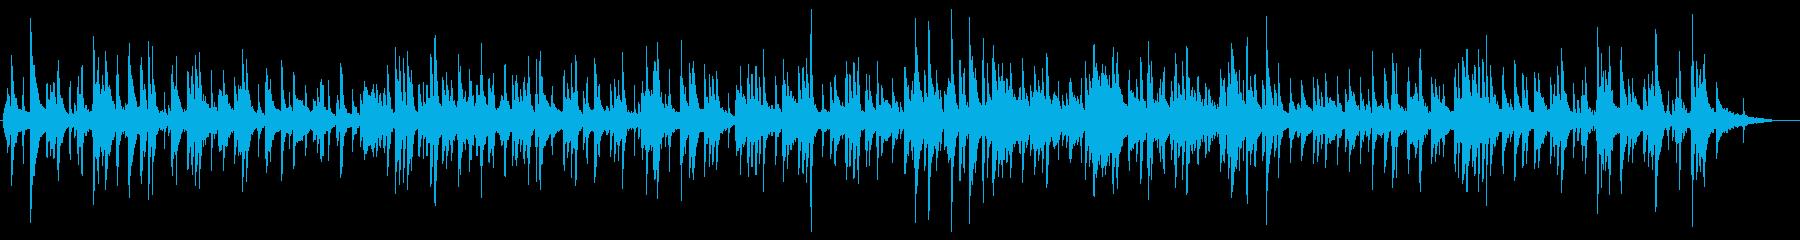 ストリングス入りのジャズ風バラードの再生済みの波形